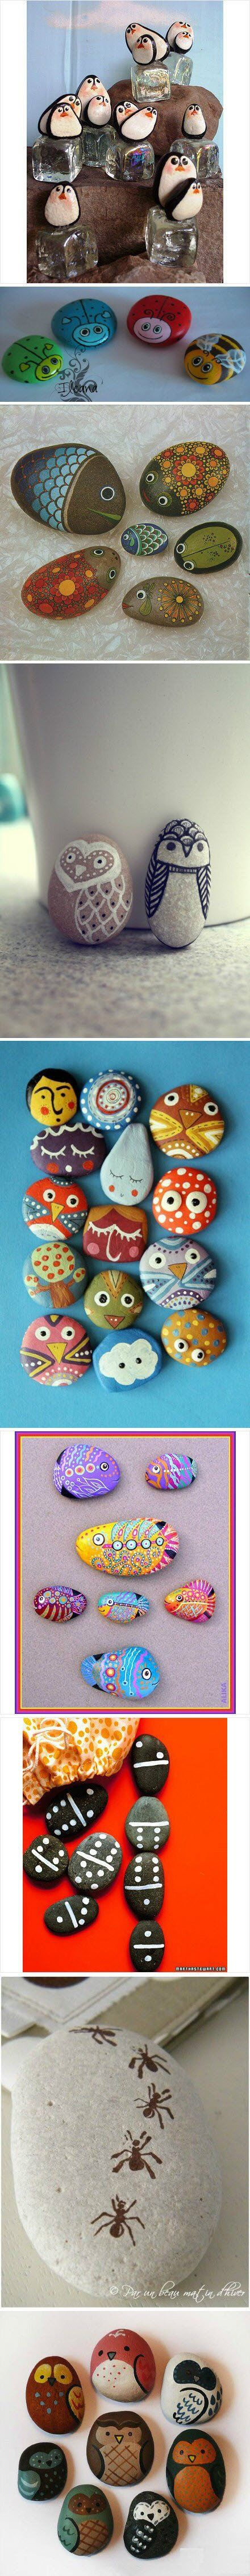 painted rocks                                                       …